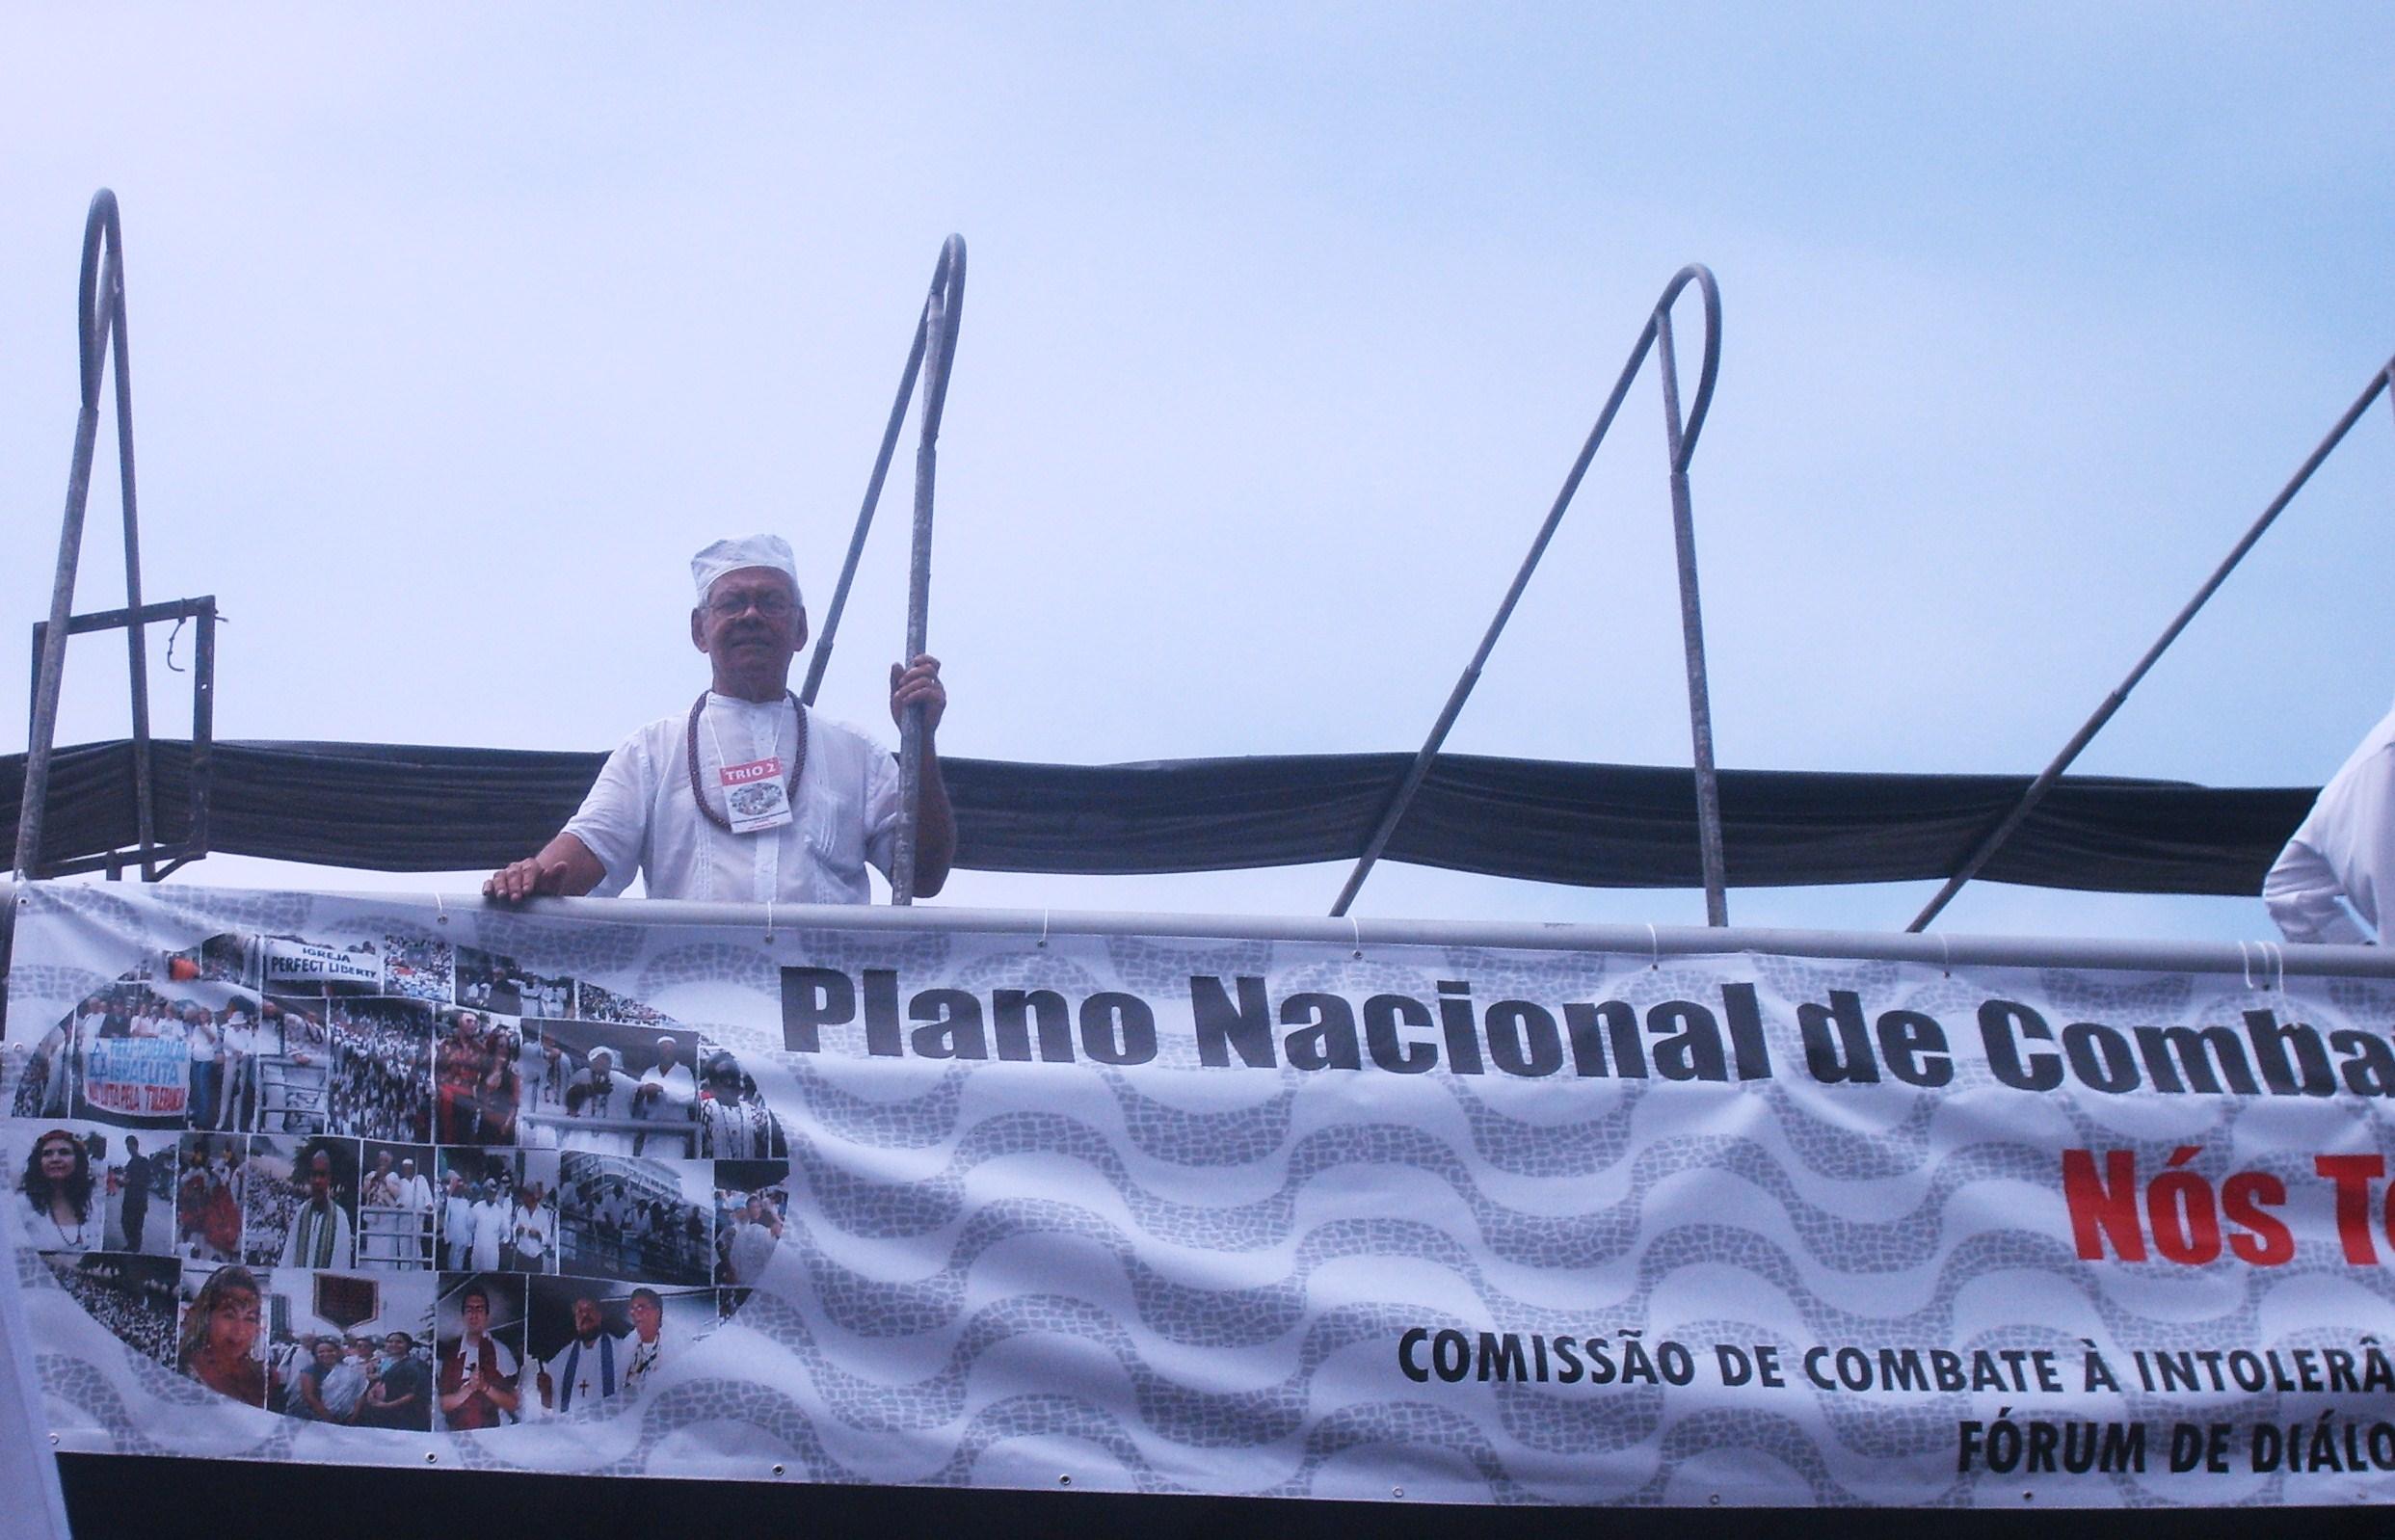 Nosso Dirigente Ivo de Carvalho estava lá - Foto / Sylvia Arcuri